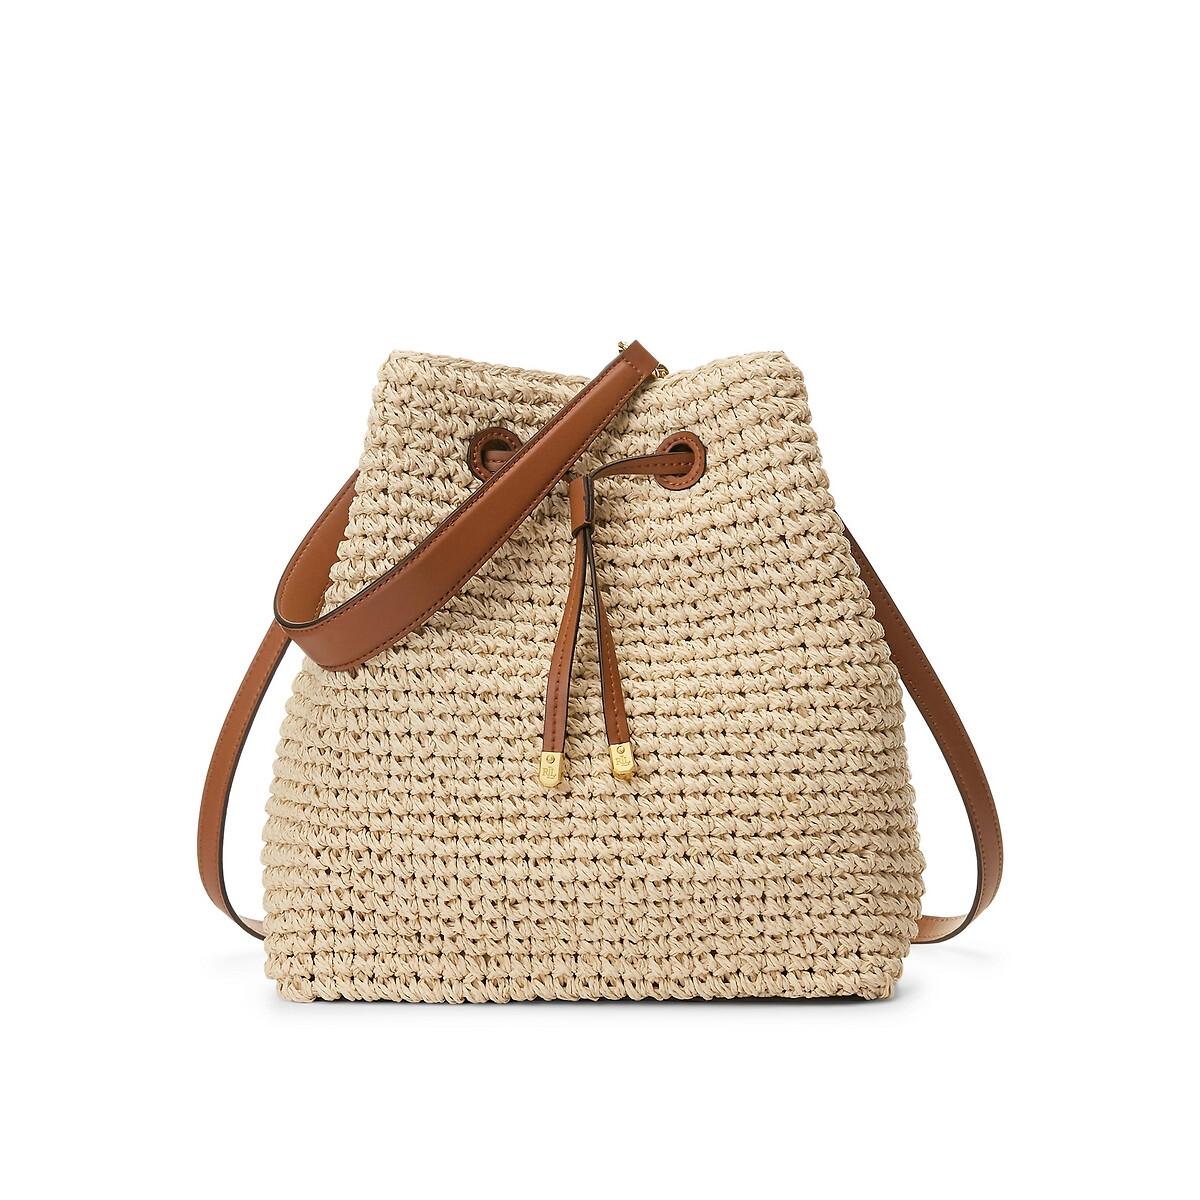 Сумка-ведро LaRedoute Из рафии единый размер бежевый сумка шоппер laredoute из джута с надписью gypsy единый размер бежевый